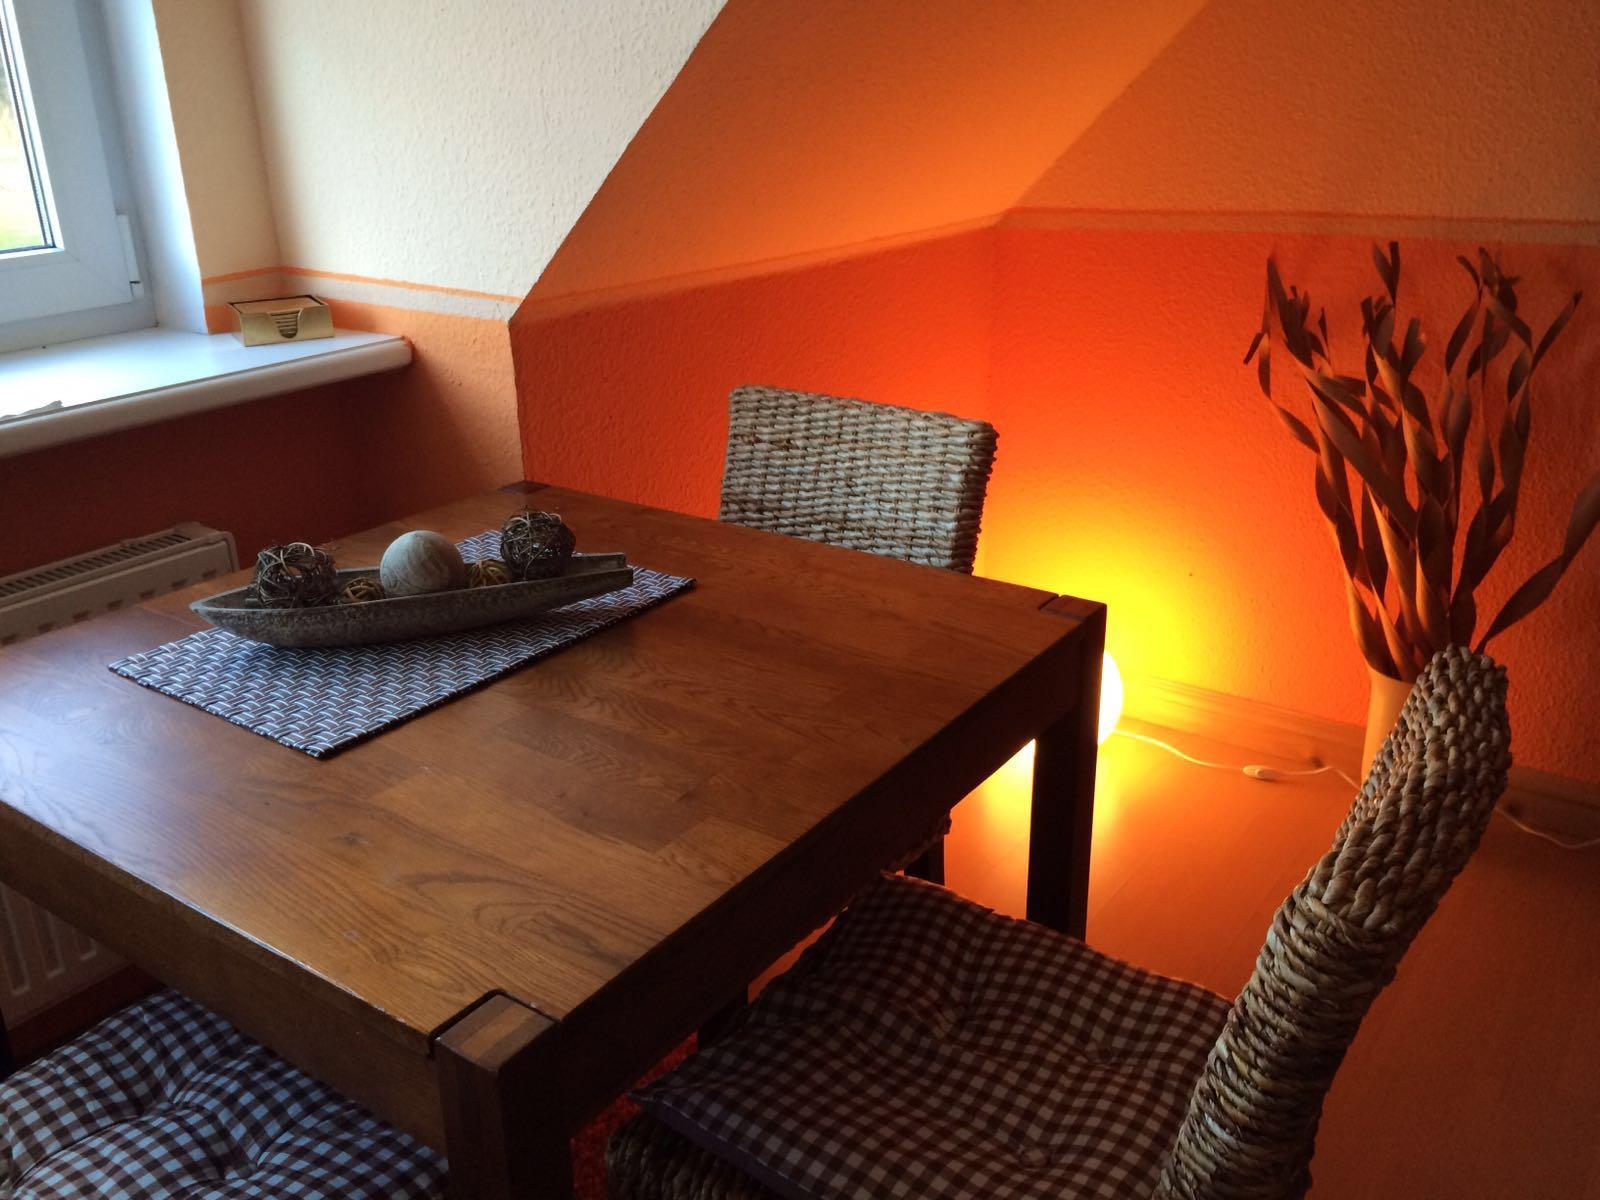 Haus Friesenglück in Kolkerheide, Nordfriesland – Ferienwohnungen und Ferienapartments – Ferienapartment 1 (braun/orange) – Innenansicht 6